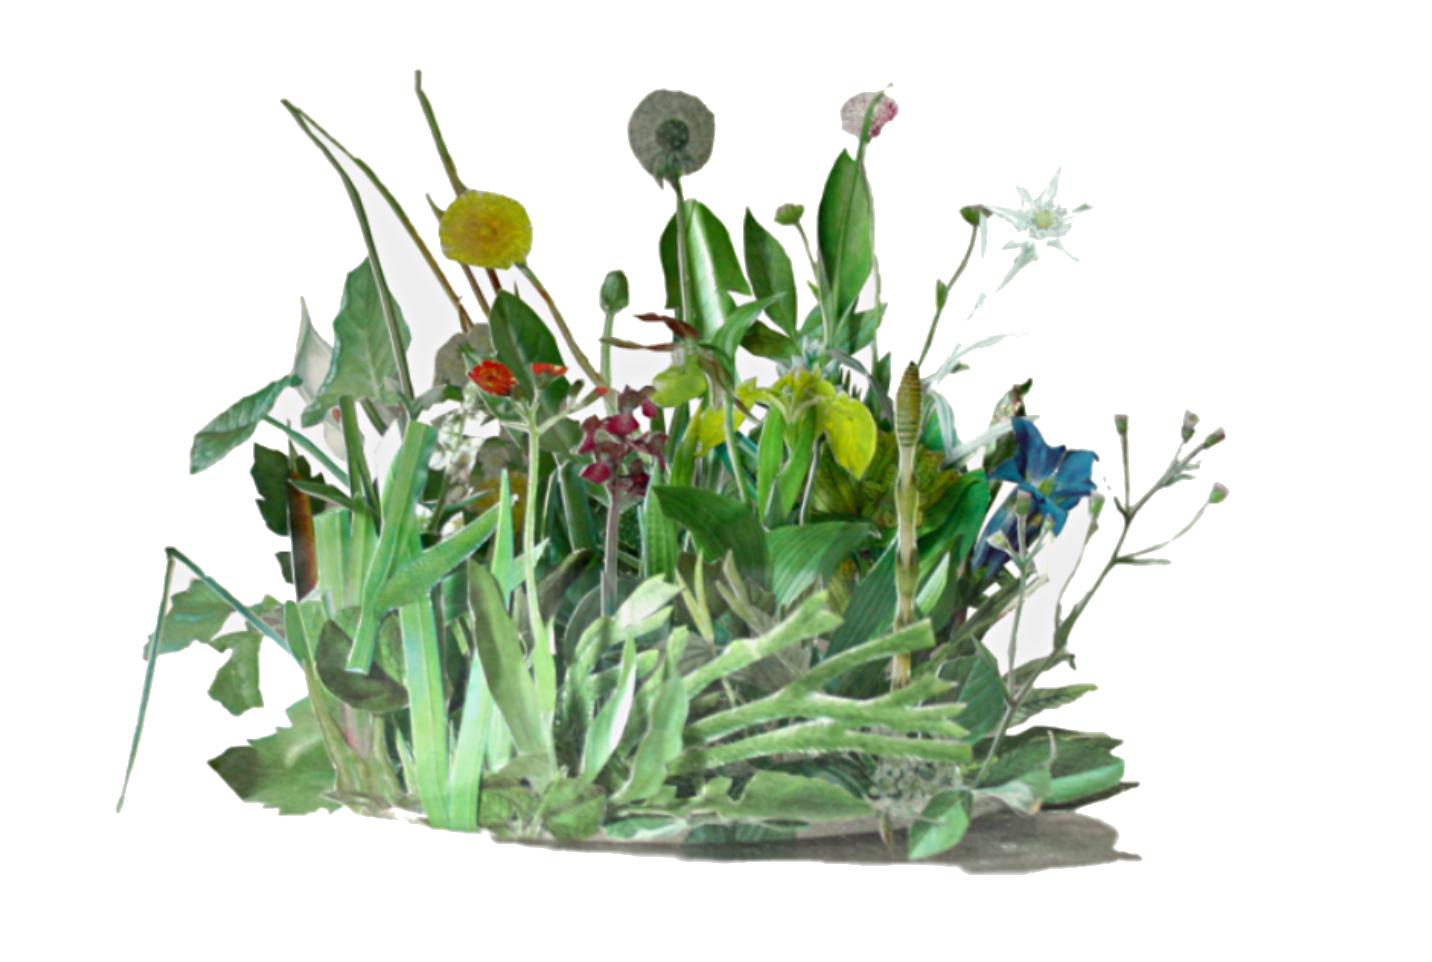 Herborium, Rodrigo Arteaga